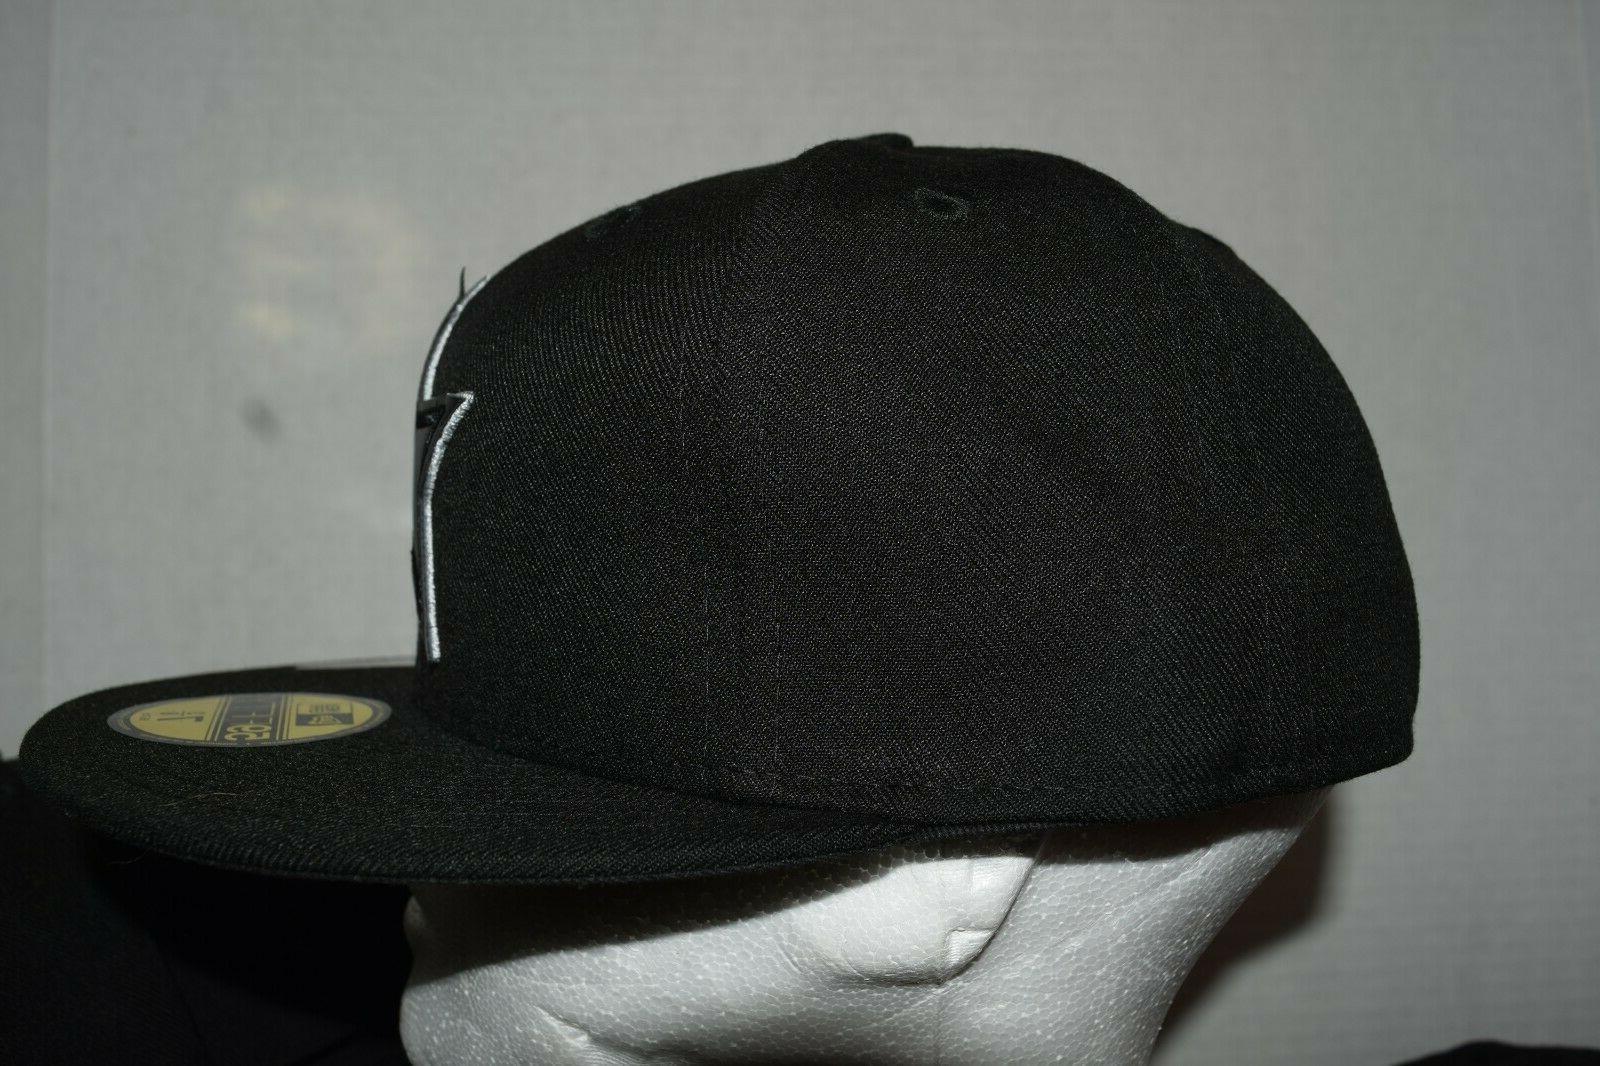 Dallas Cowboys 59FIFTY Black